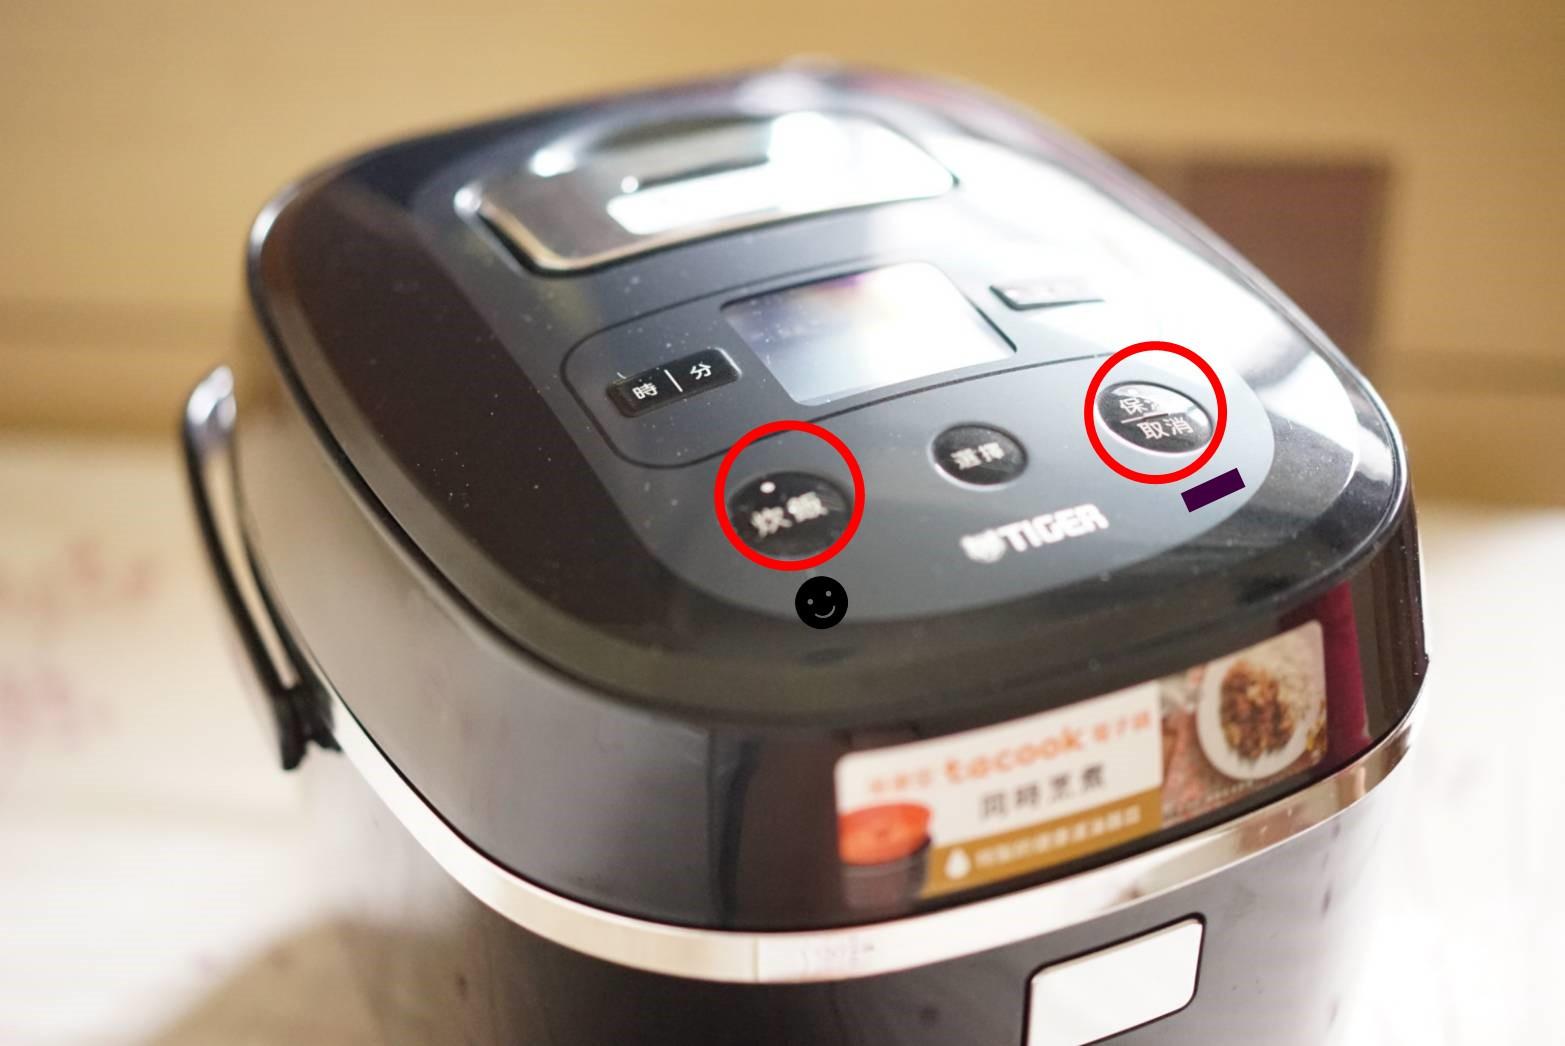 【虎牌微電腦炊飯電子鍋】一鍋到底、健康無比的第 7 張圖片